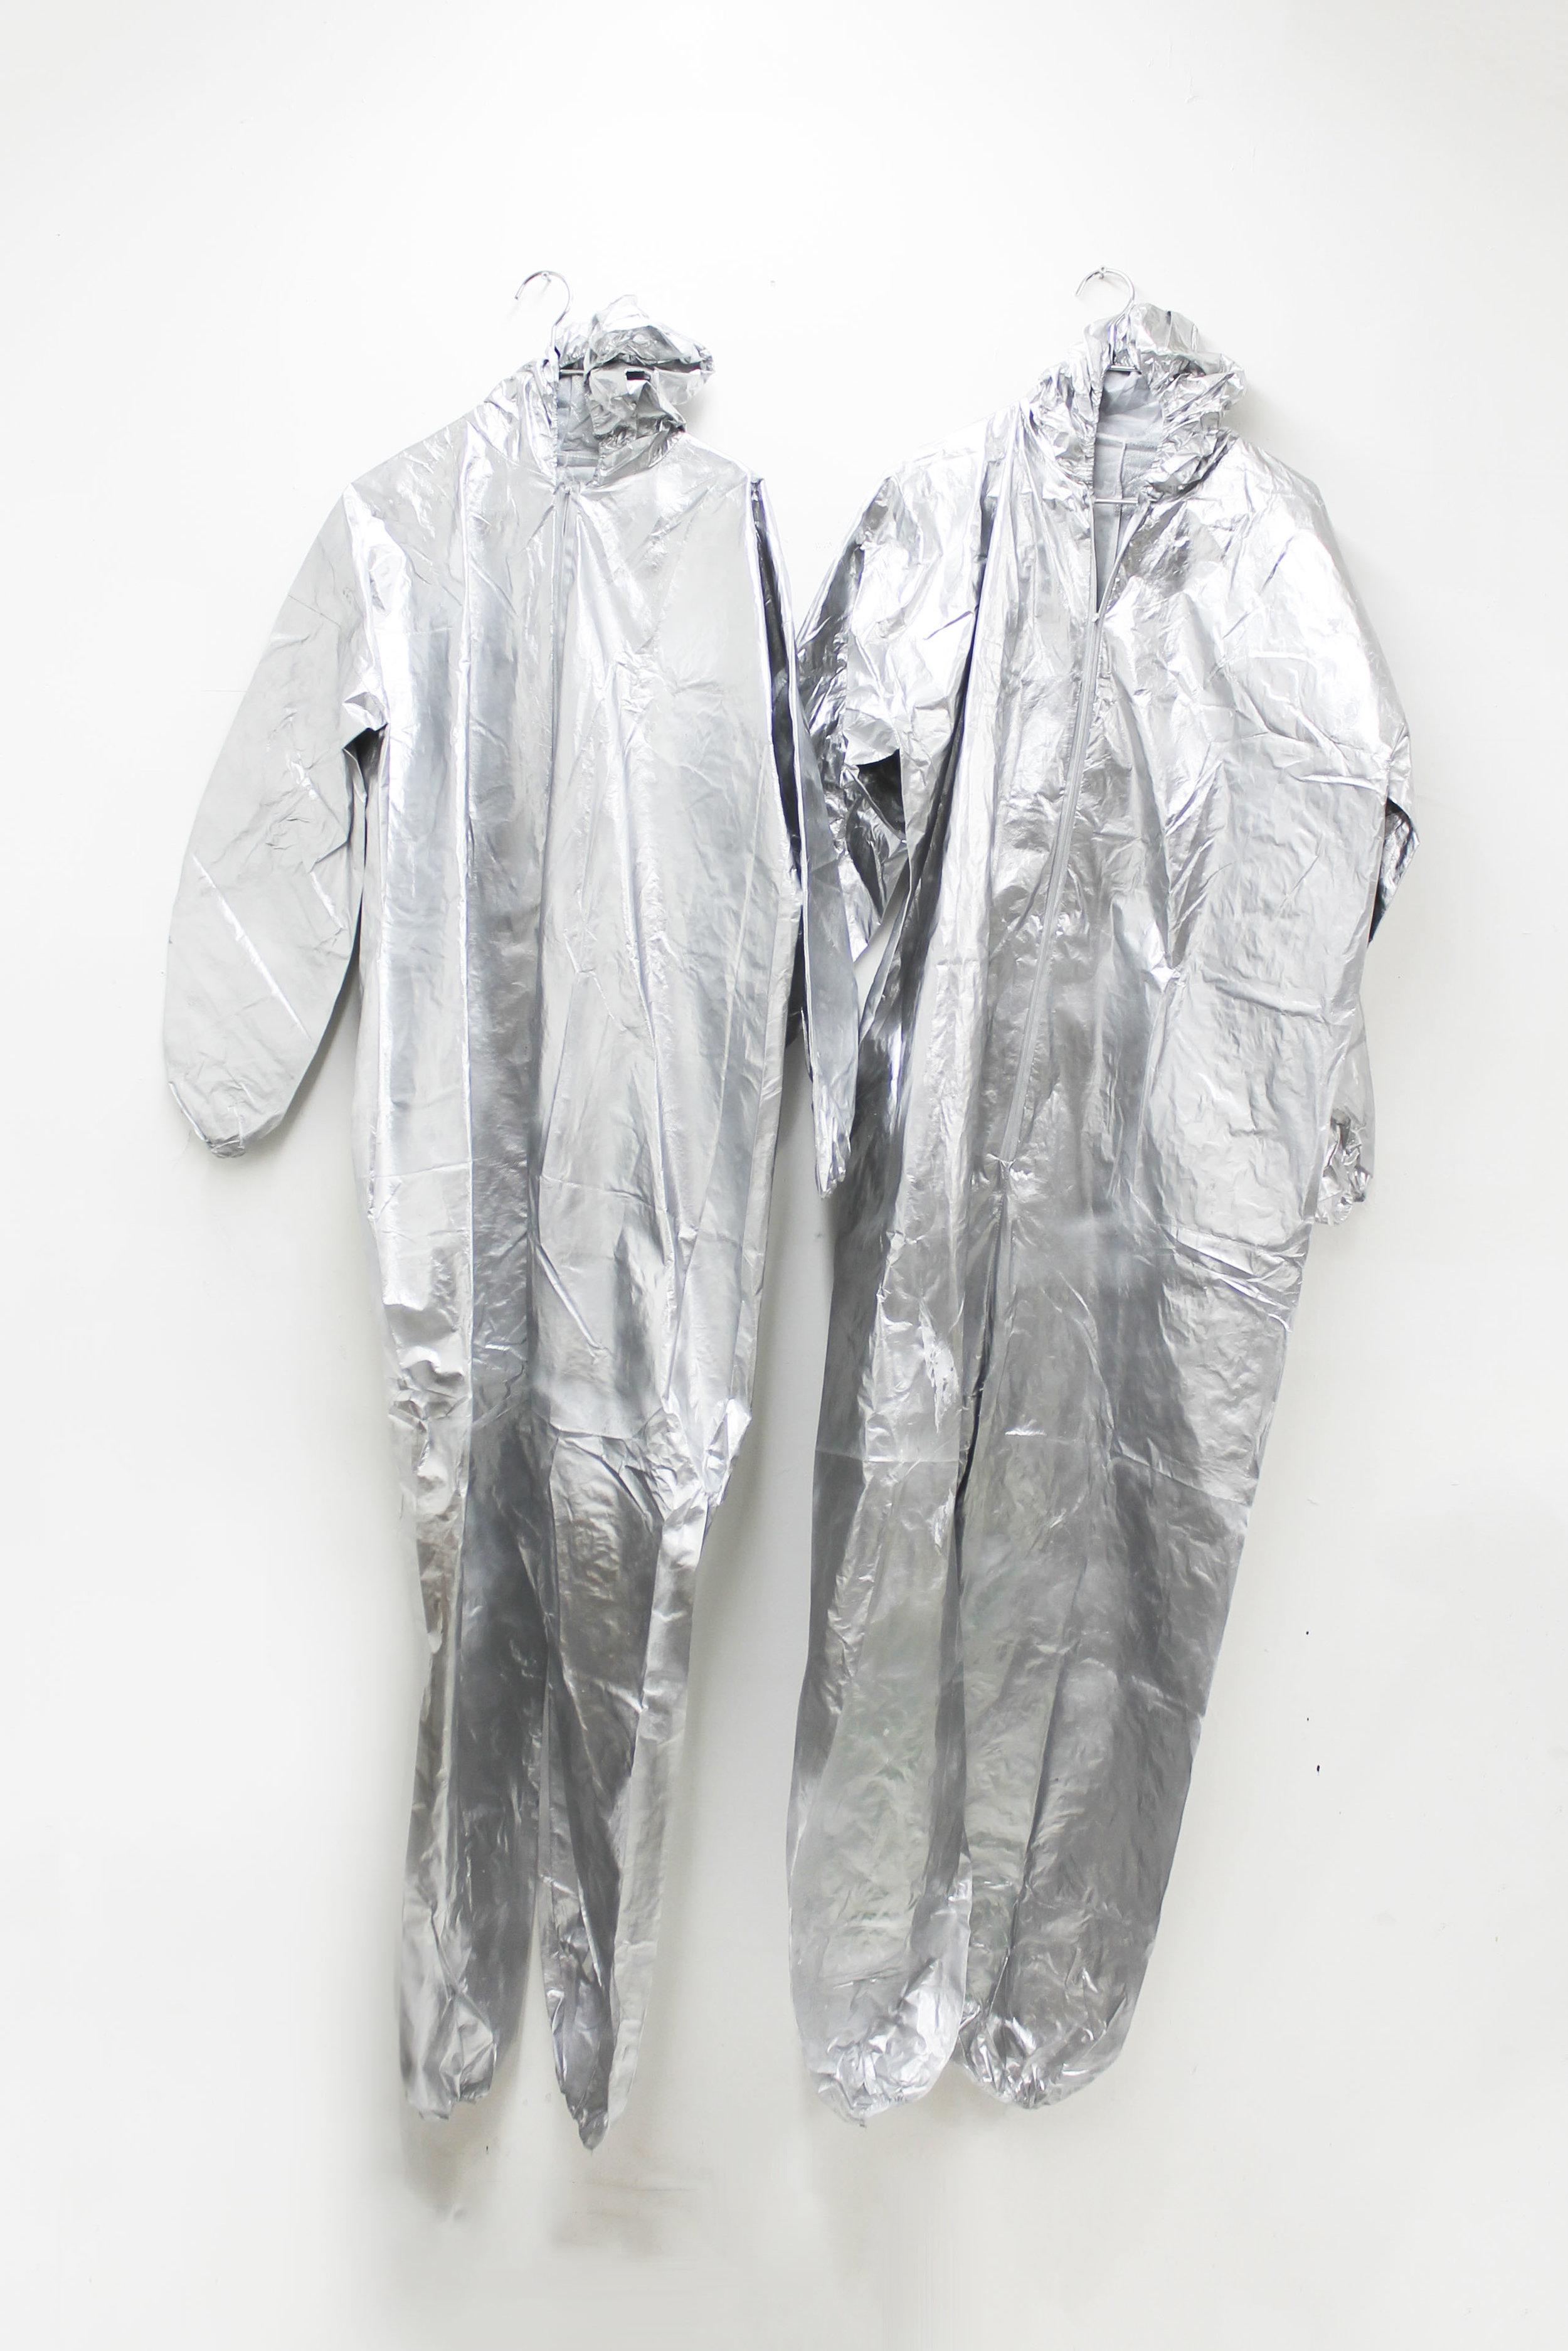 LGHQ Clothing_5.JPG